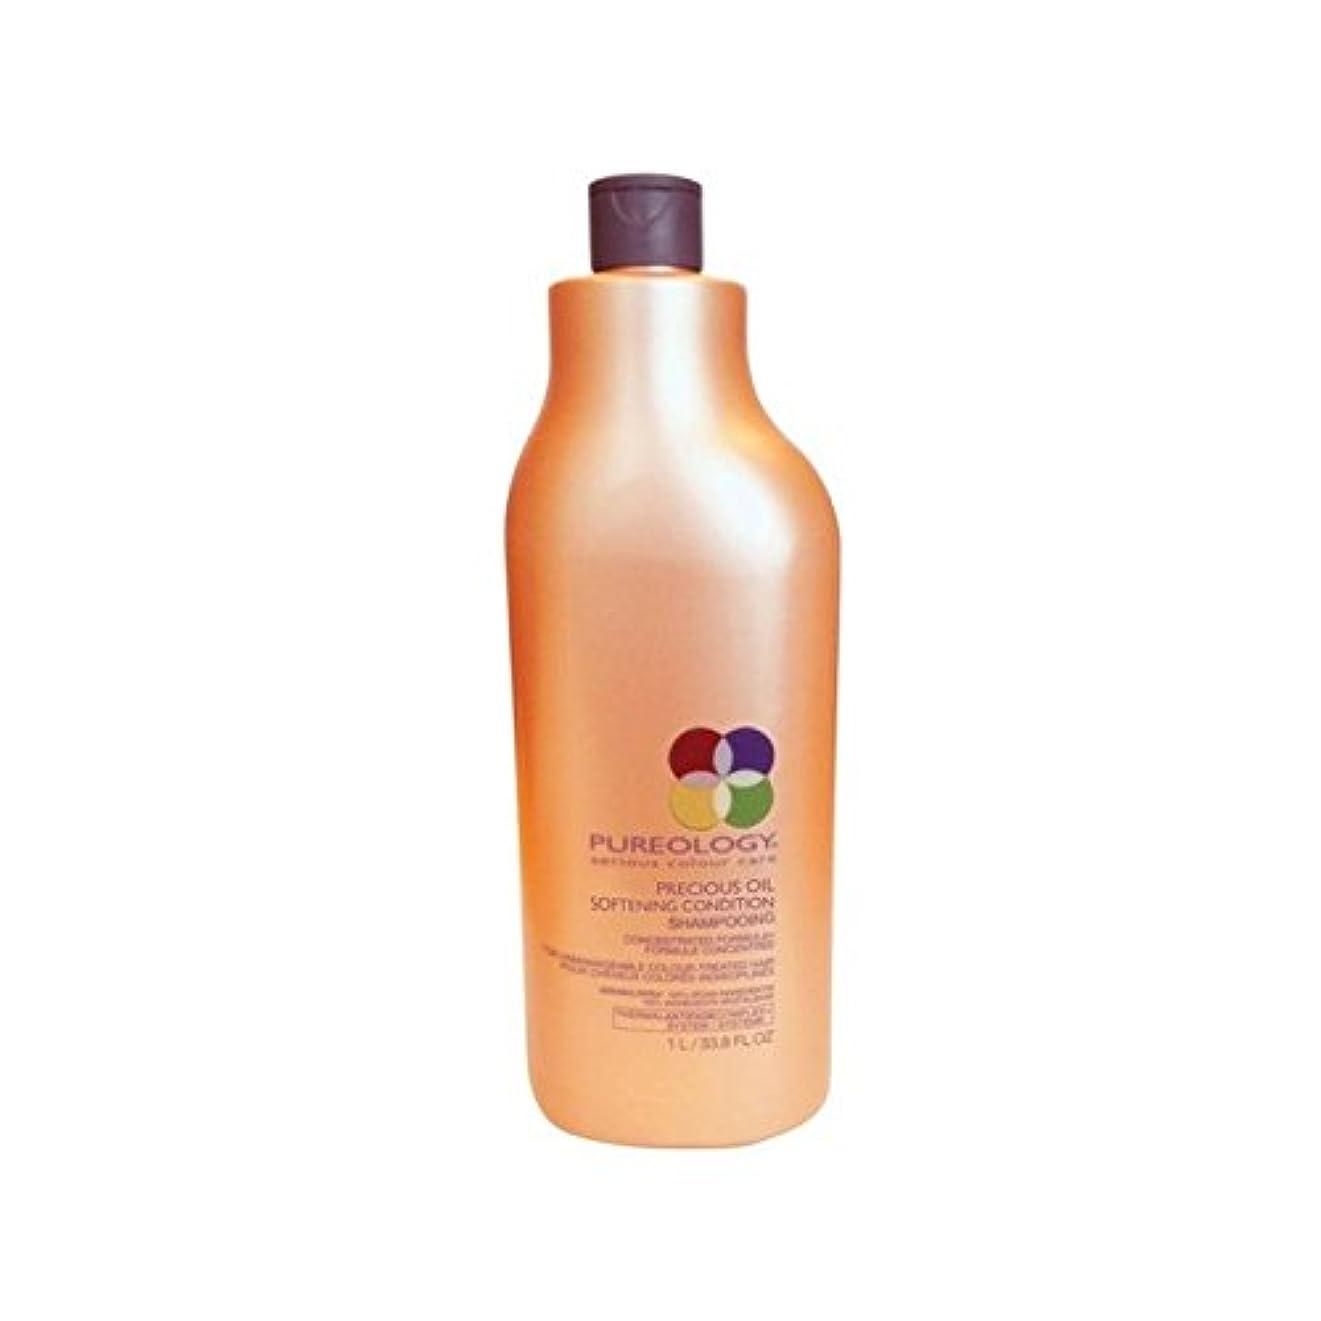 やめるソース起点貴重なオイルコンディショナー(千ミリリットル) x2 - Pureology Precious Oil Conditioner (1000ml) (Pack of 2) [並行輸入品]